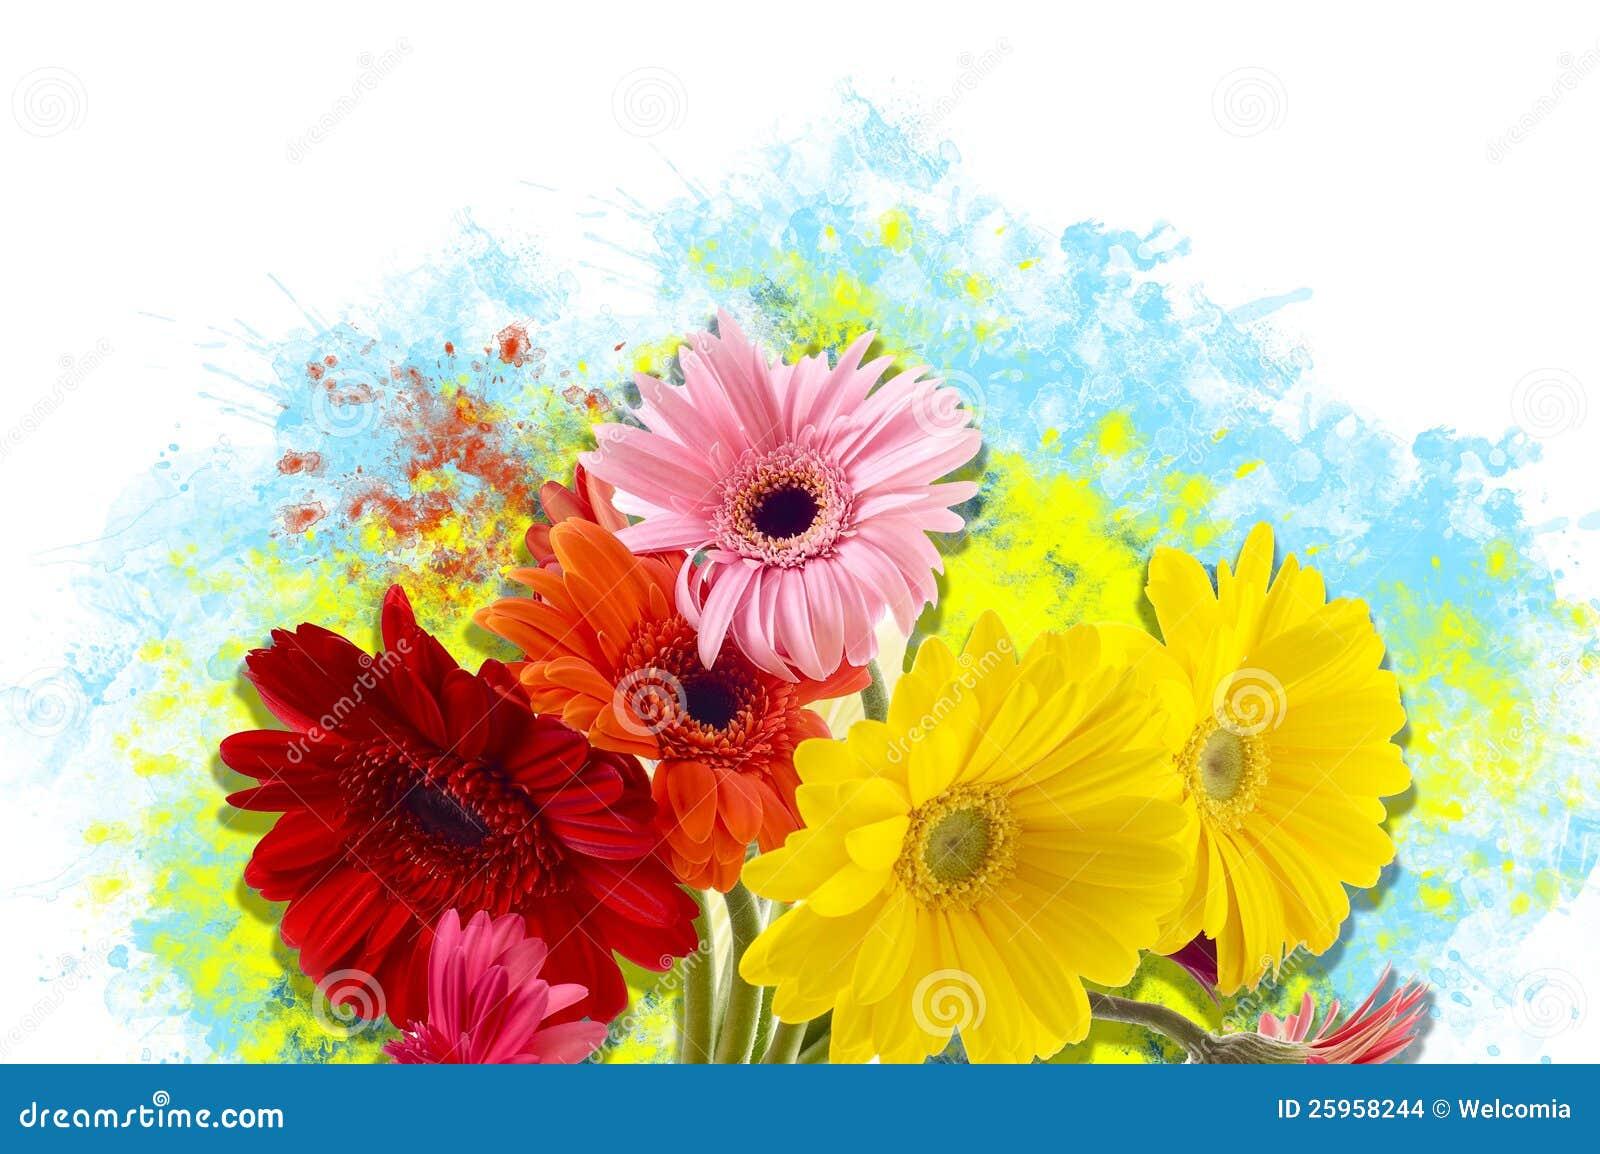 Blumen Kunst Stockfoto Bild Von Gardening Blumen Floral 25958244